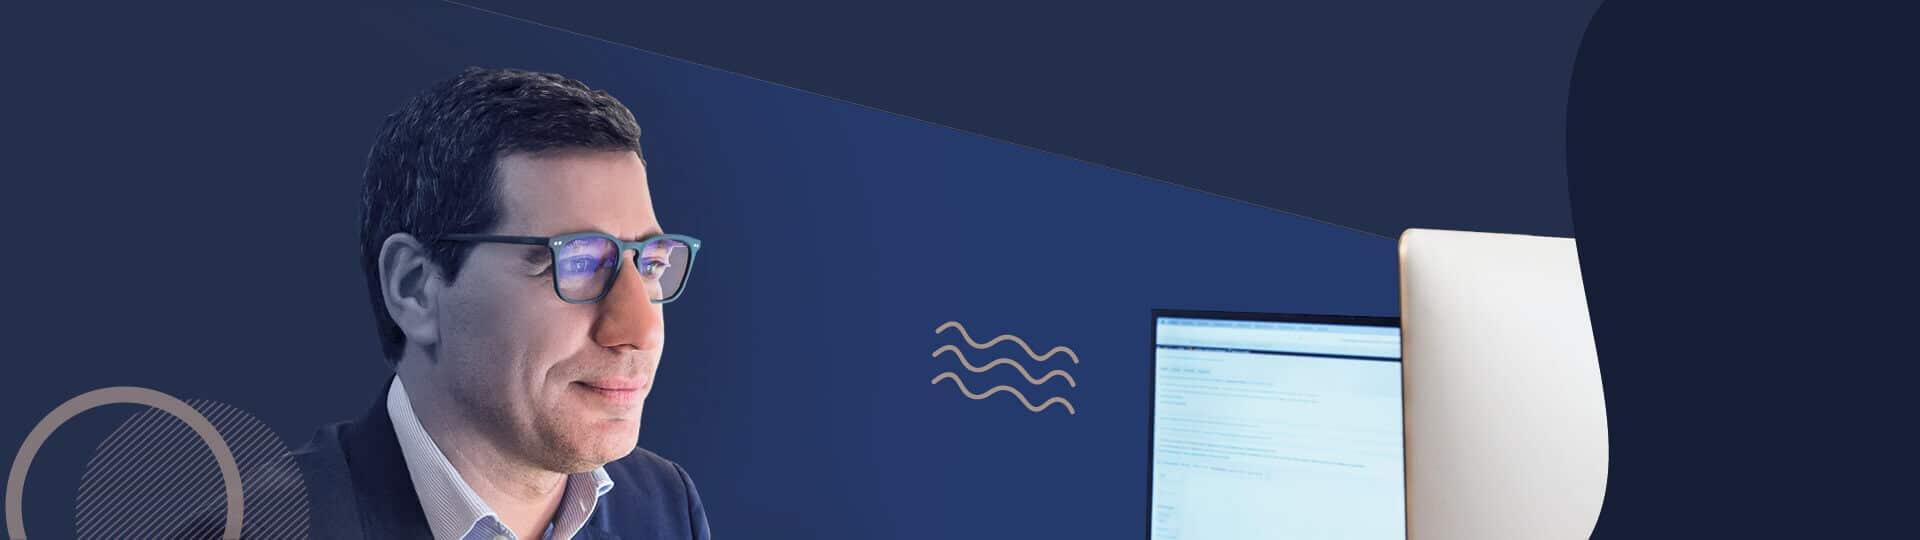 banner-home-gafasoficina-luz azul